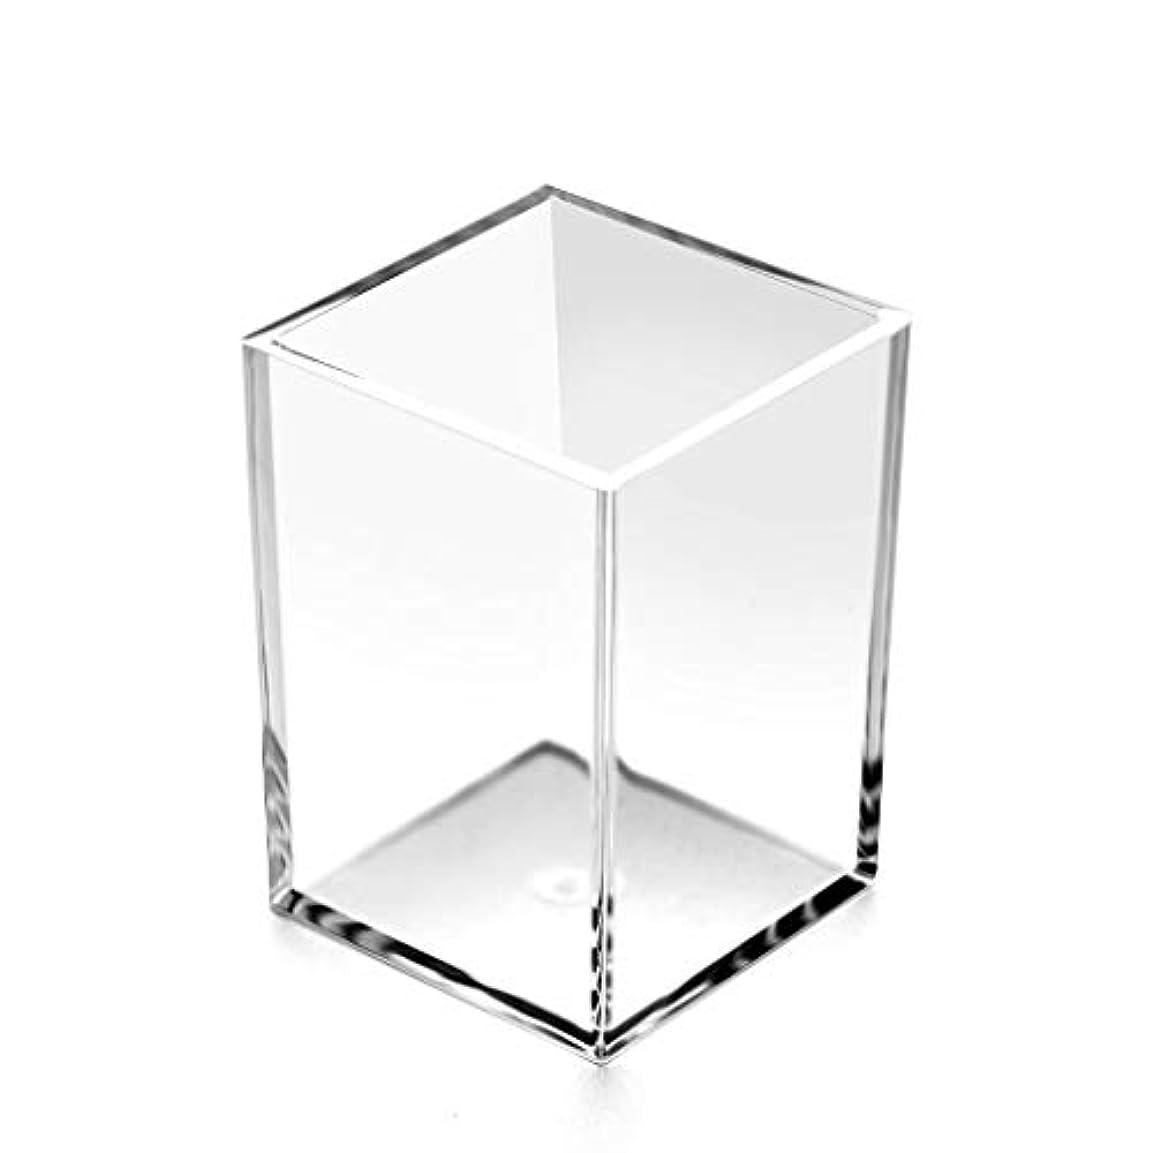 ブランチ警告広くRiLiKu アクリルペン立て 鉛筆ホルダー 透明 卓上文房具収納ボックス メイクブラシ収納ボックス